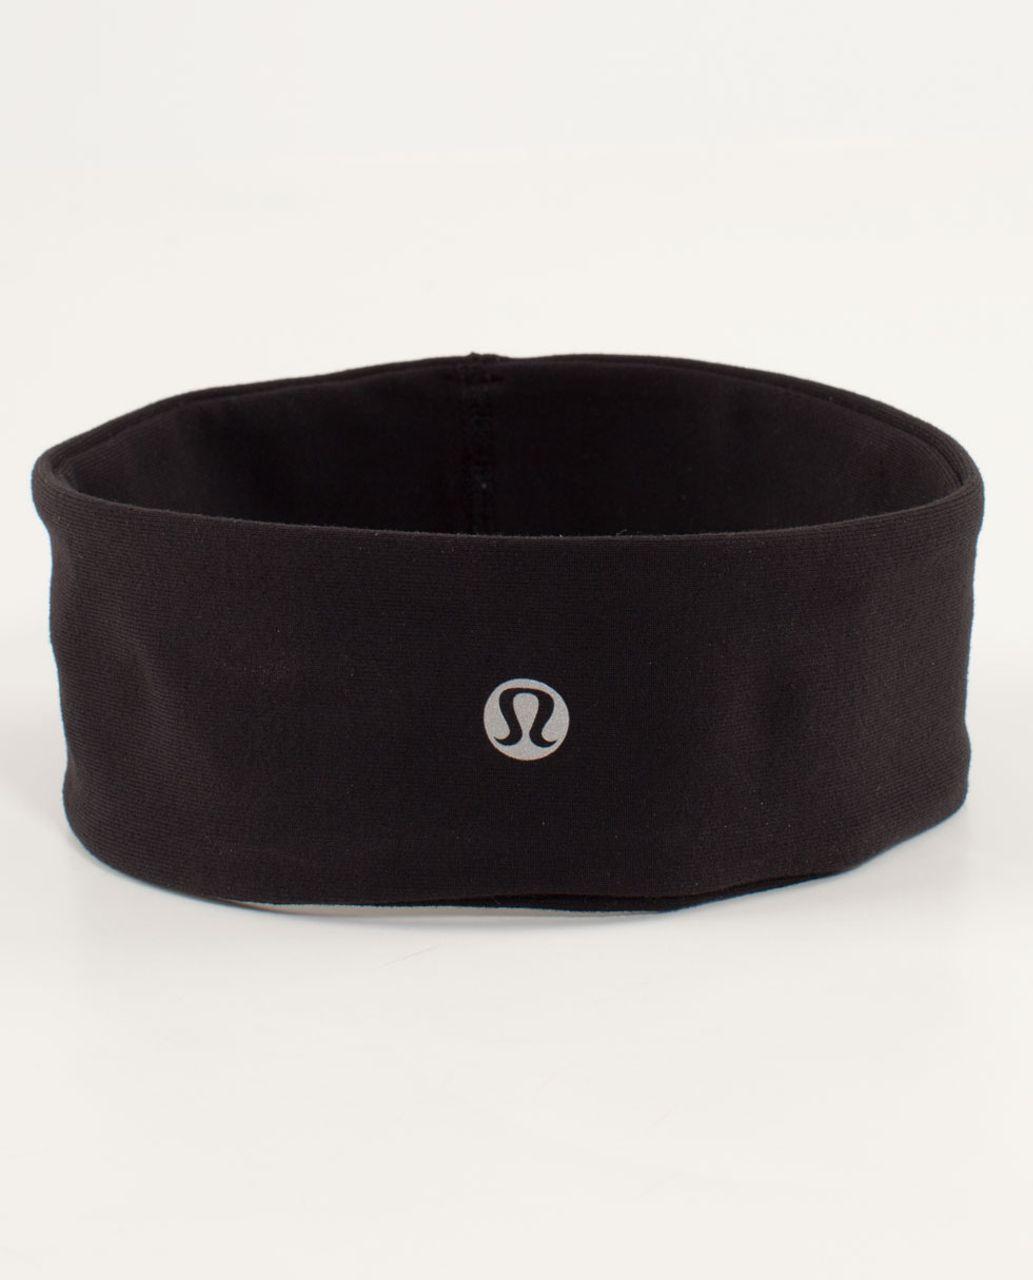 Lululemon Lucky Luon Headband - Black